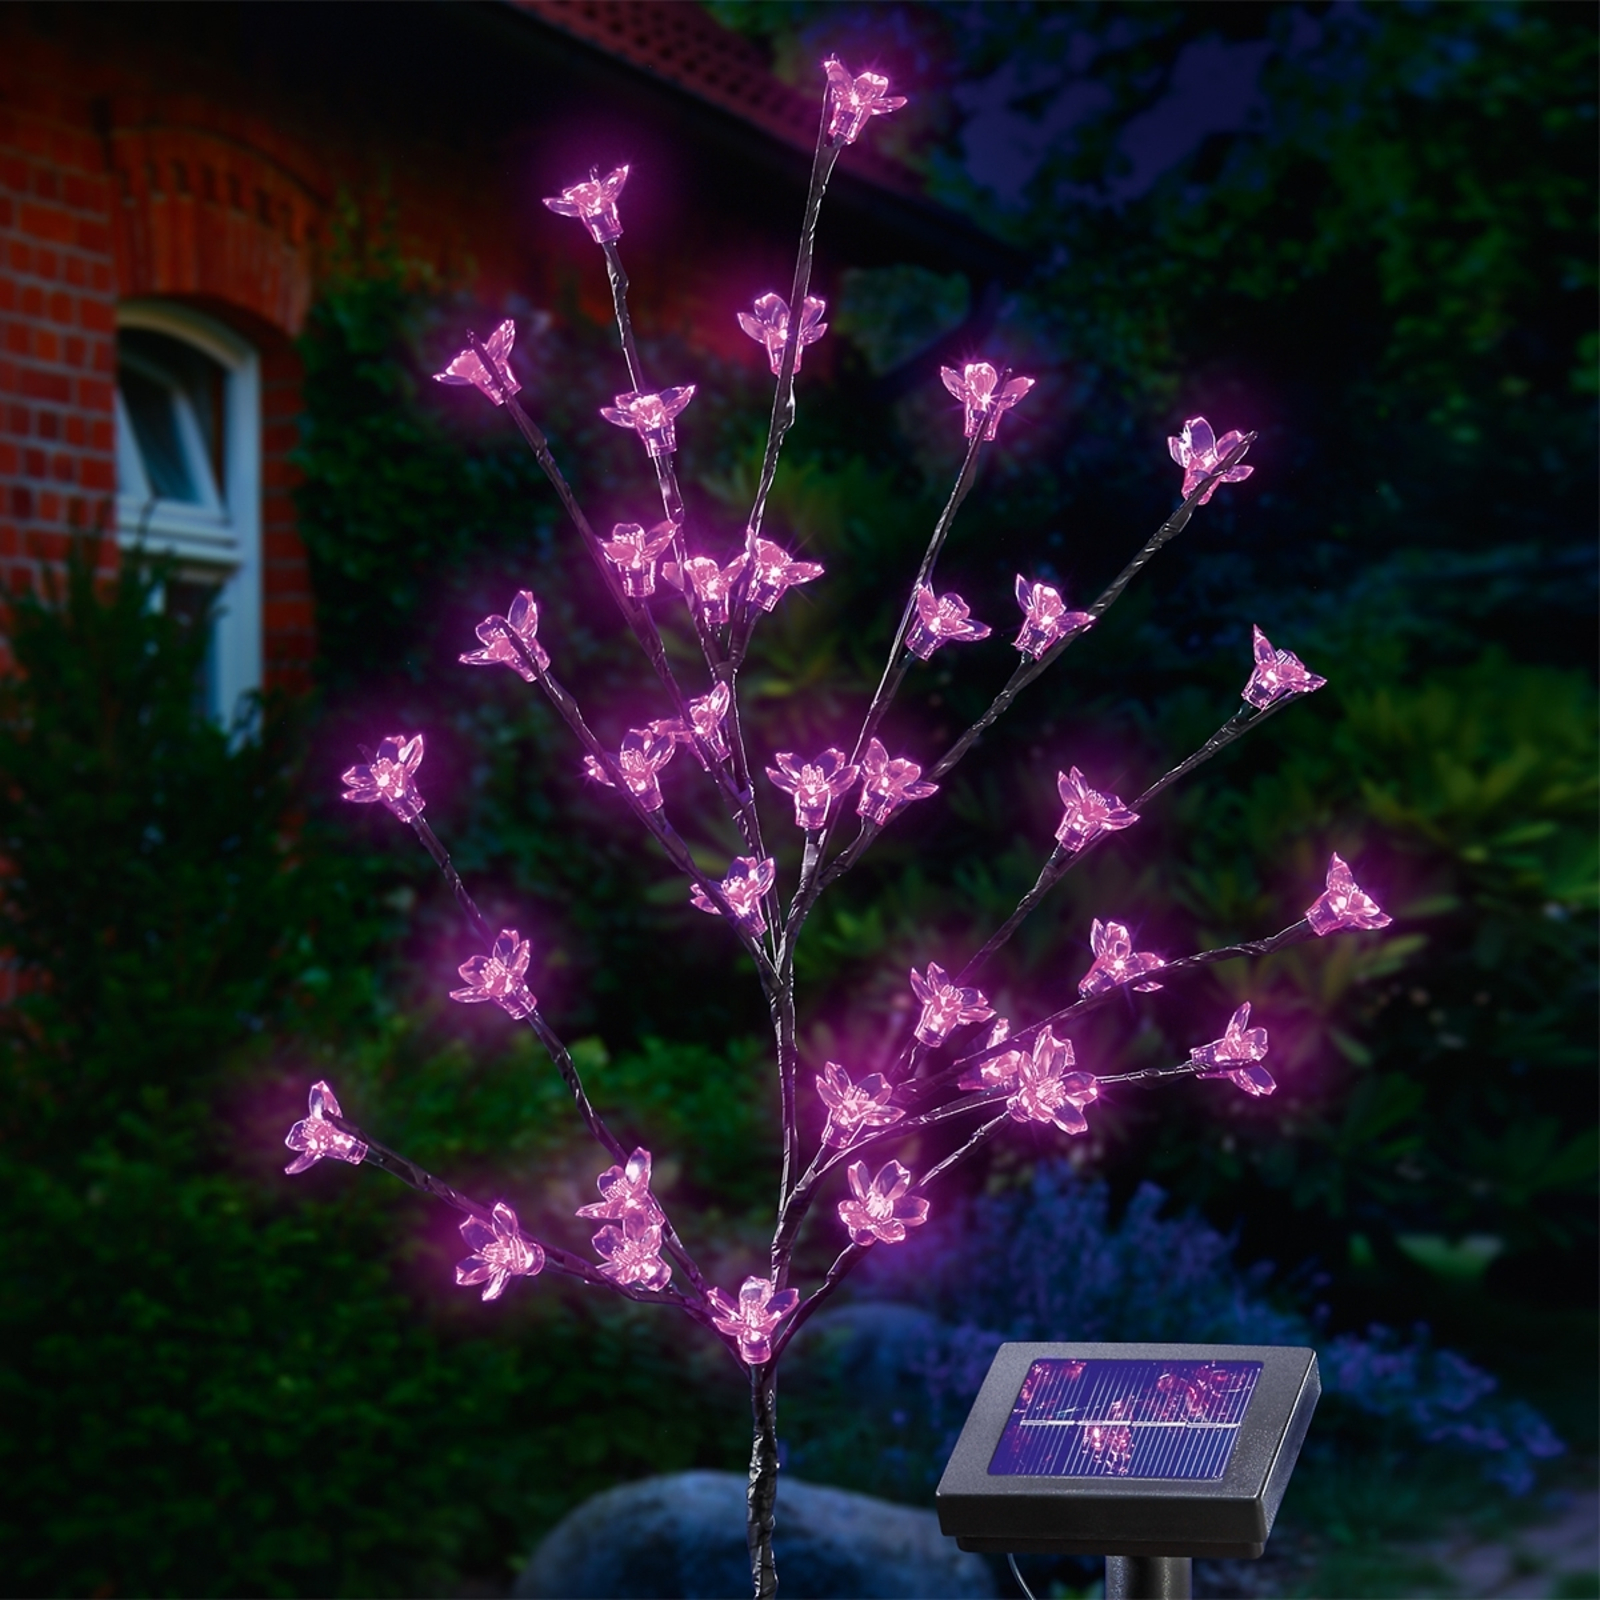 Solcelle-LED-blomsterbukett